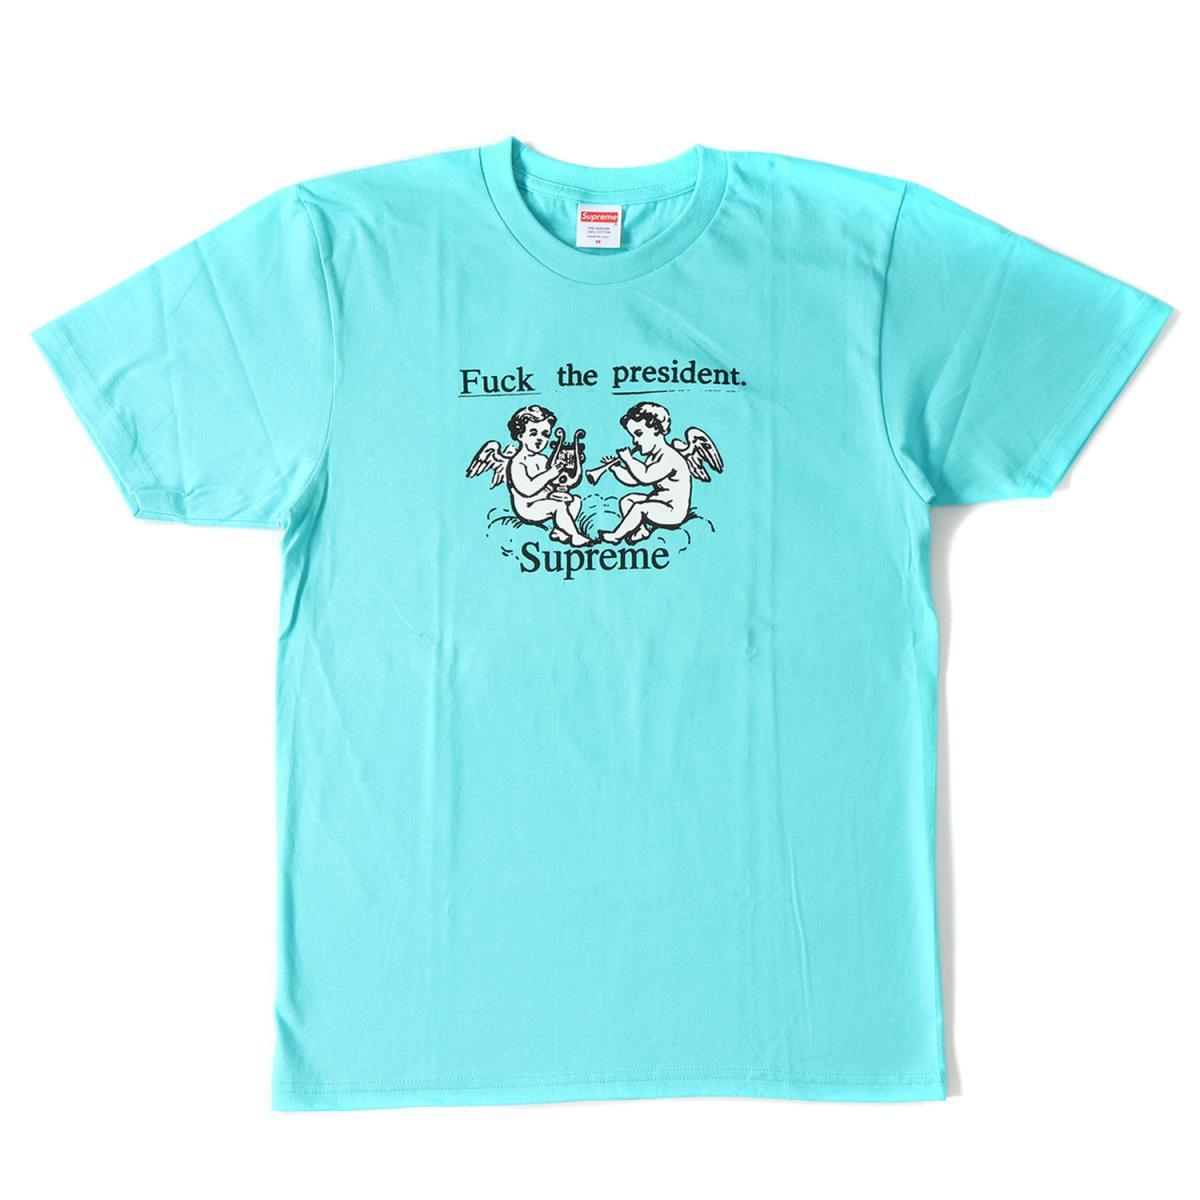 Supreme (シュプリーム) 17S/S エンジェルグラフィックTシャツ(FTP Tee) アクア M 【メンズ】【K2028】【あす楽☆対応可】